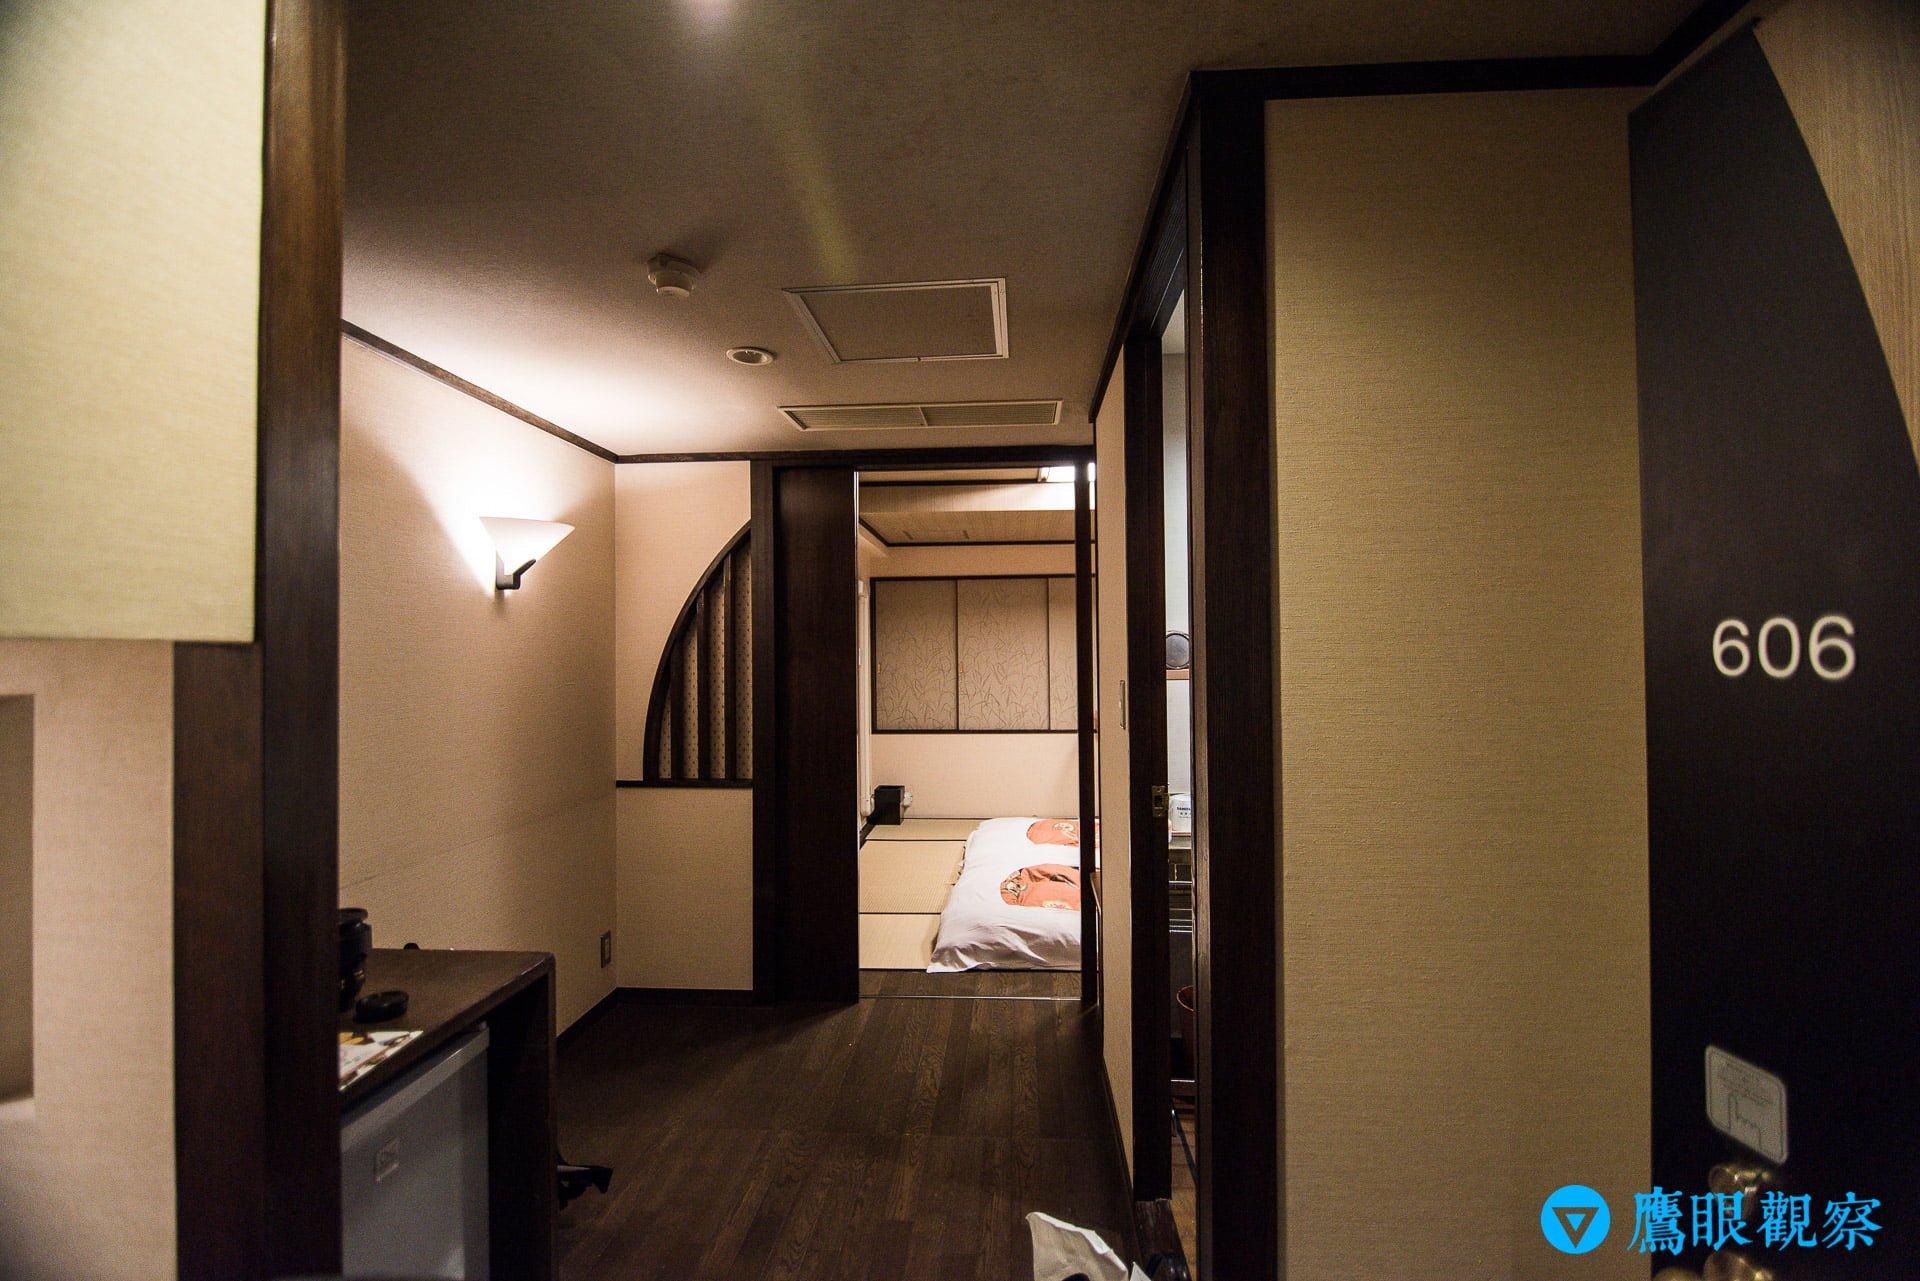 travel Japan gunma kishigon ryokan hotel in izumo spa hot spring 40 群馬縣伊香保溫泉「岸權旅館」日本旅館住宿推薦